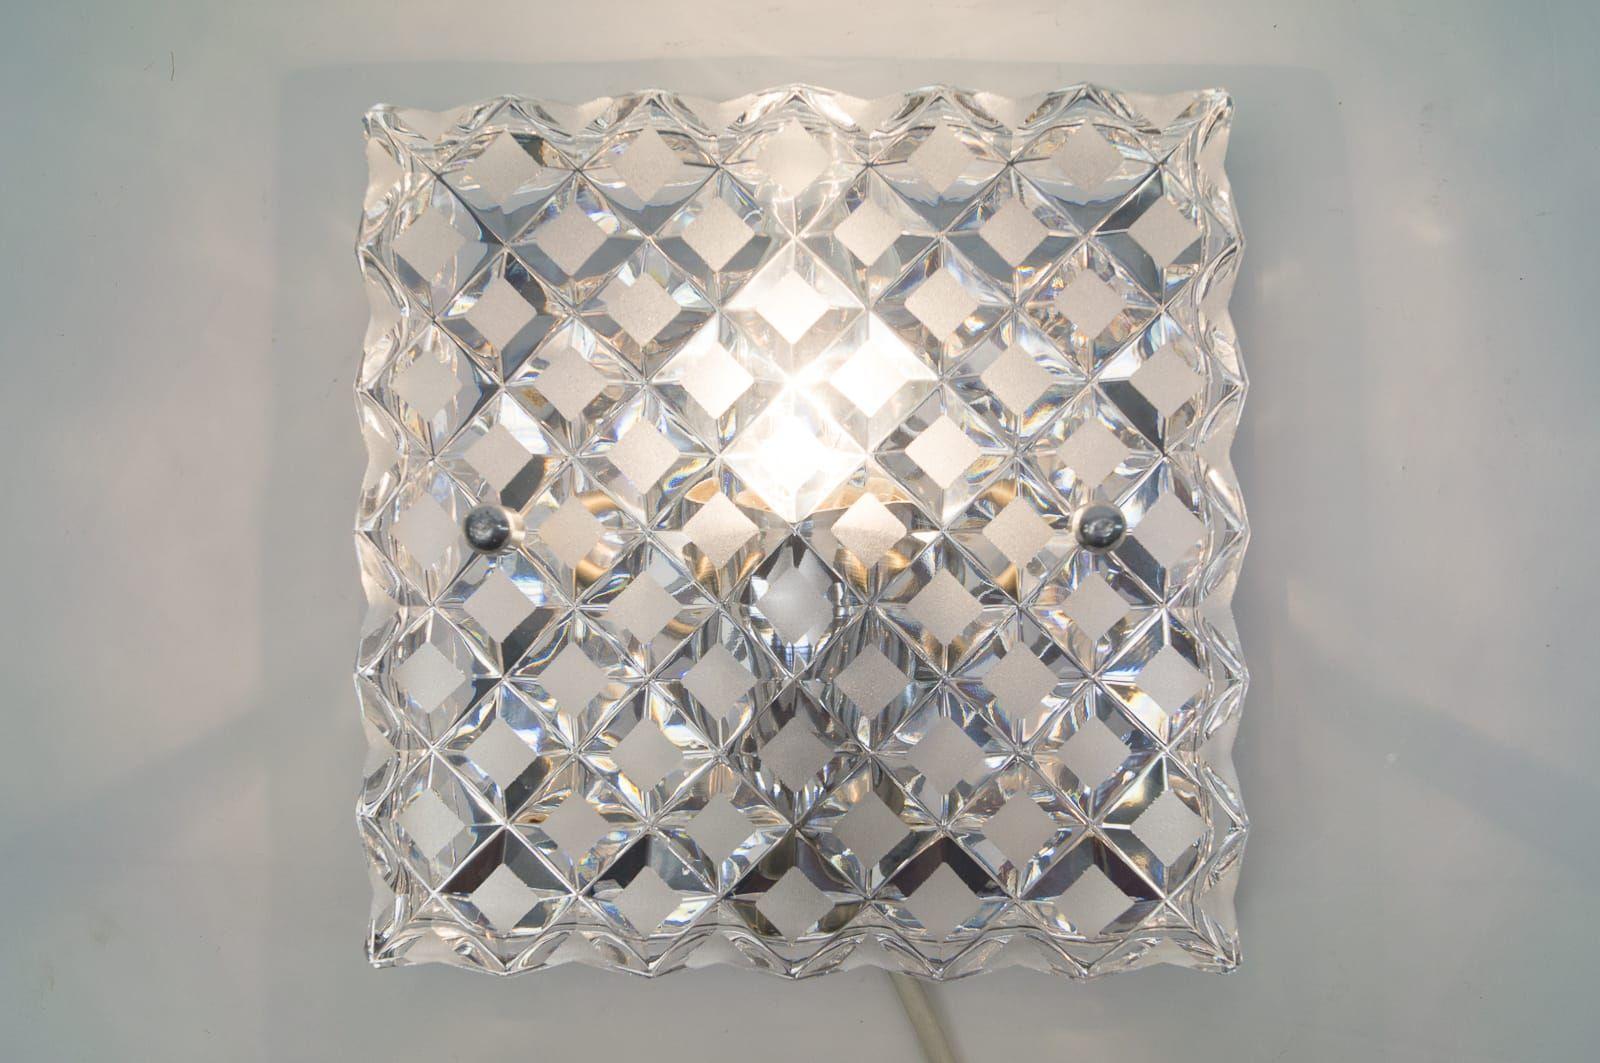 appliques murales en verre cristal 1960s set de 3 en vente sur pamono. Black Bedroom Furniture Sets. Home Design Ideas